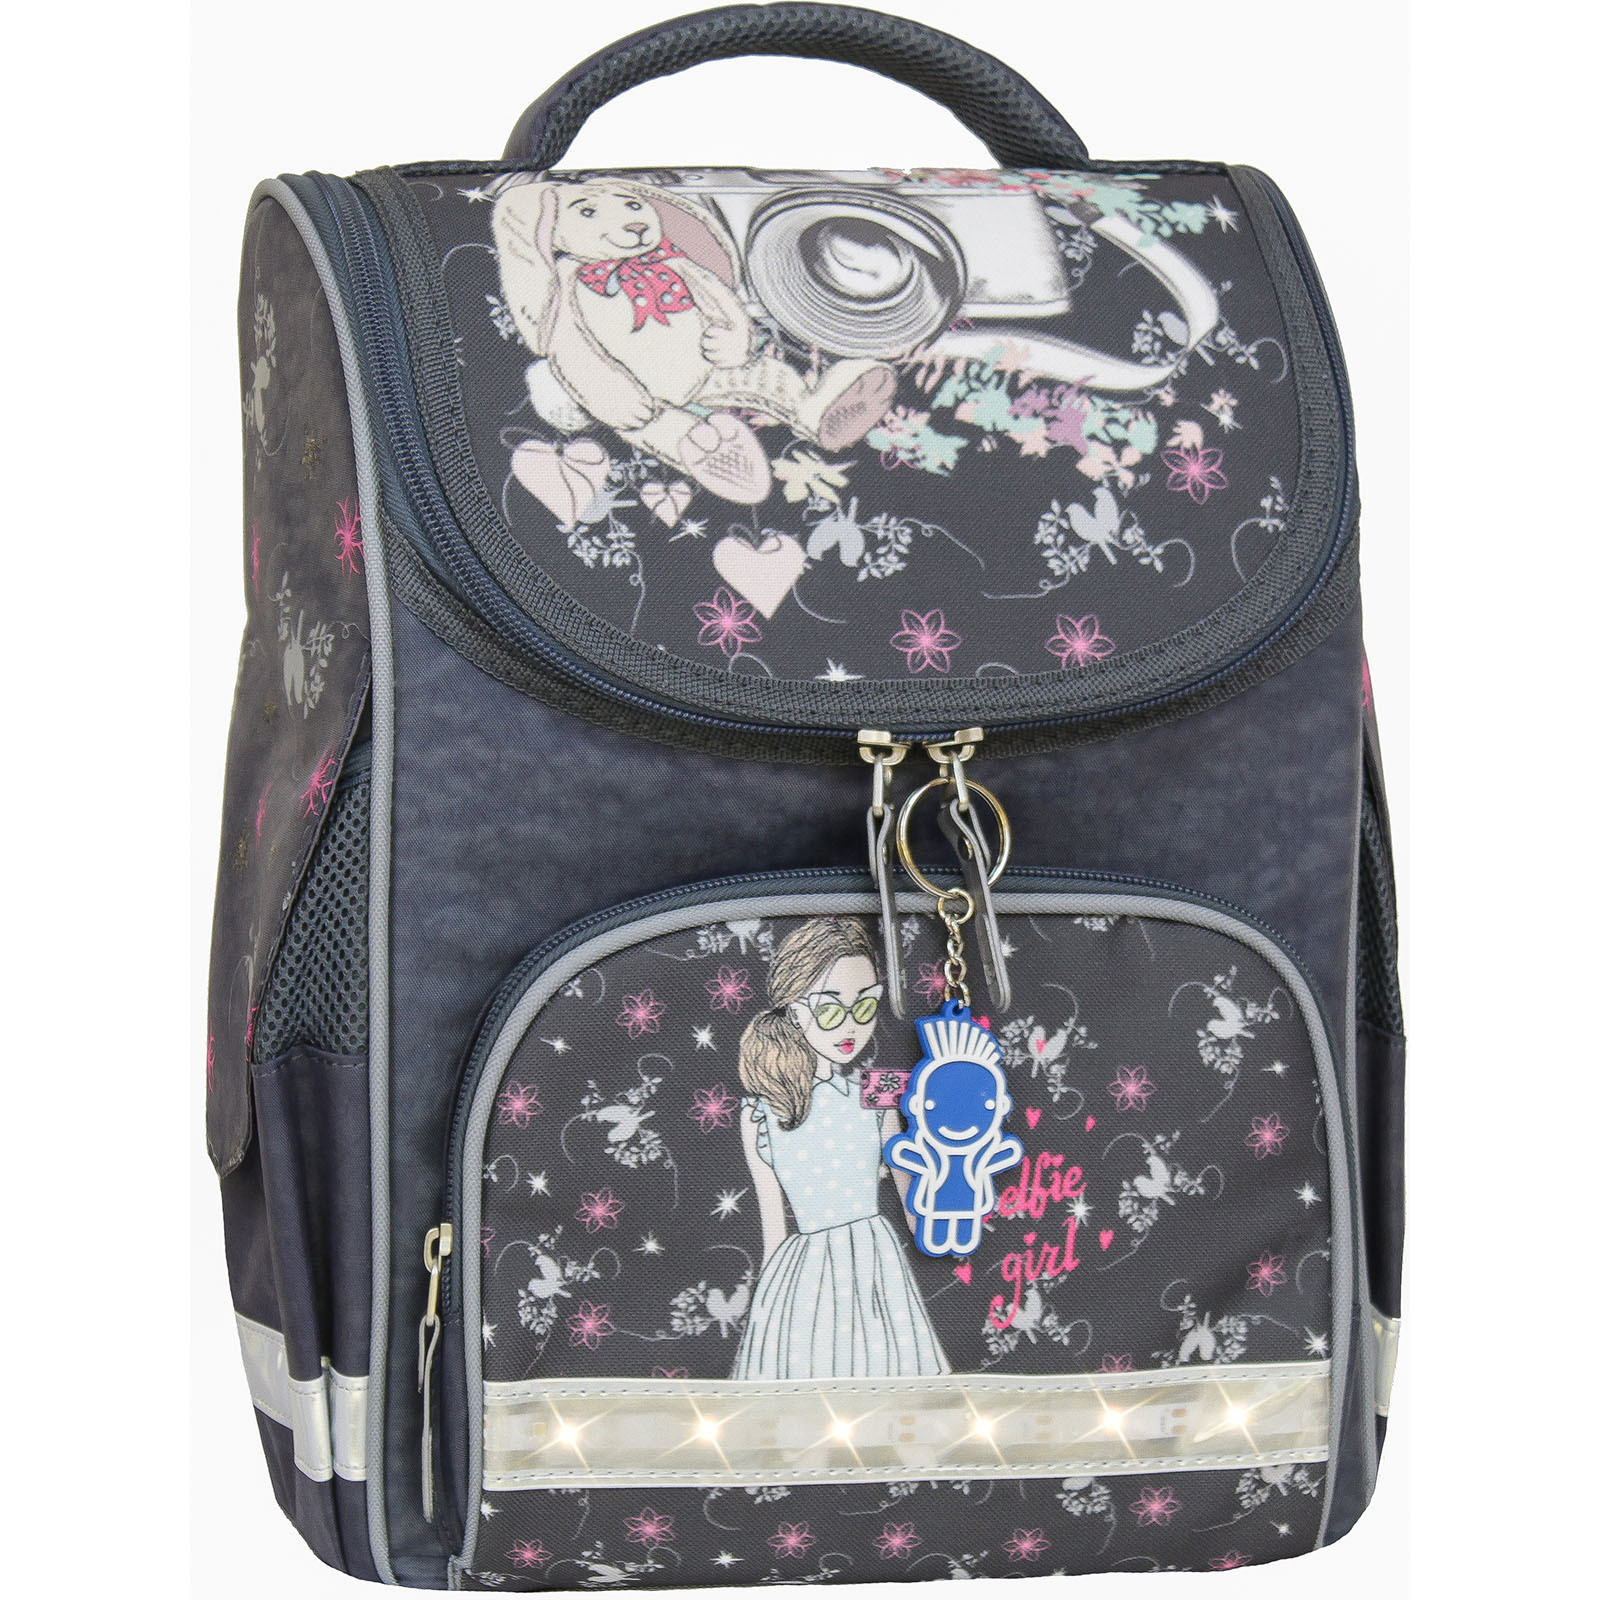 Школьные рюкзаки Рюкзак школьный каркасный с фонариками Bagland Успех 12 л. серый 210к (00551703) IMG_8522-1600.jpg